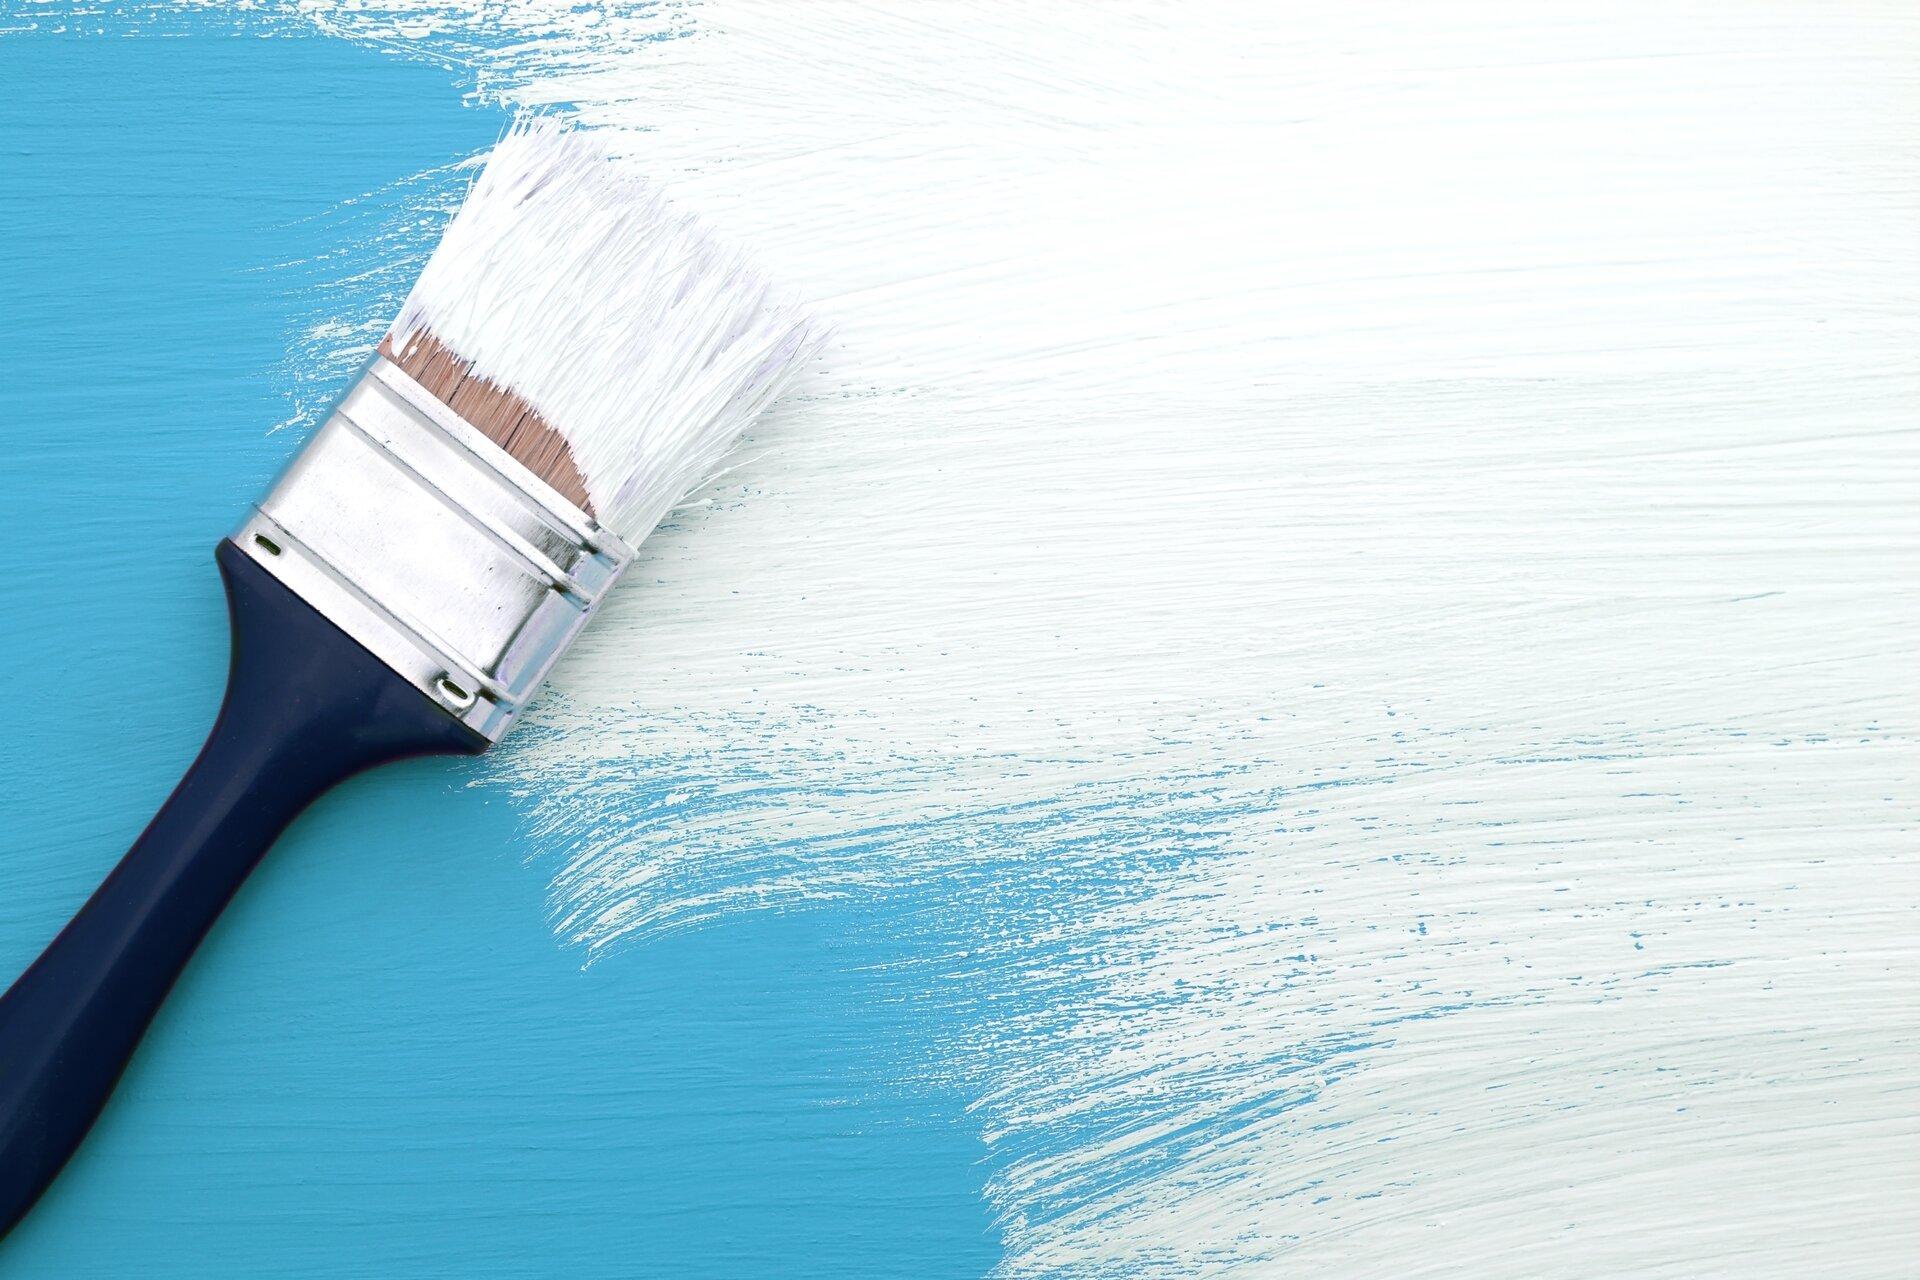 Ilustracja jest zdjęciem przedstawiającym niebieską deskę, częściowo zamalowaną pędzlem na biało. Po lewej stronie znajduje się zamoczony wfarbie szeroki pędzel.